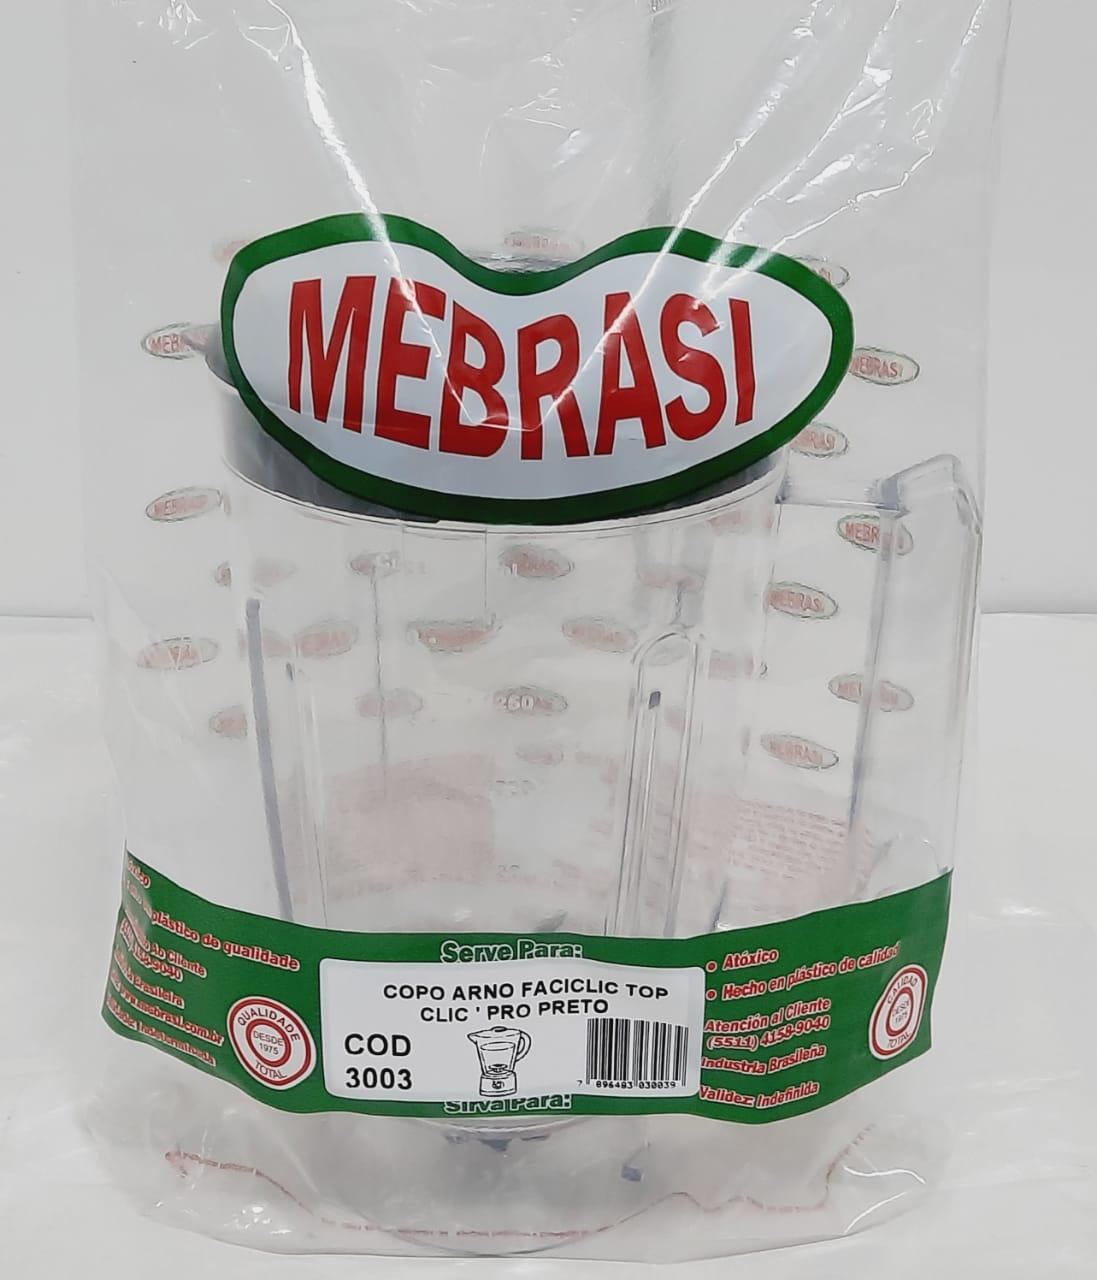 Copo Arno Cristal Preto Faciclic - Mebrasi